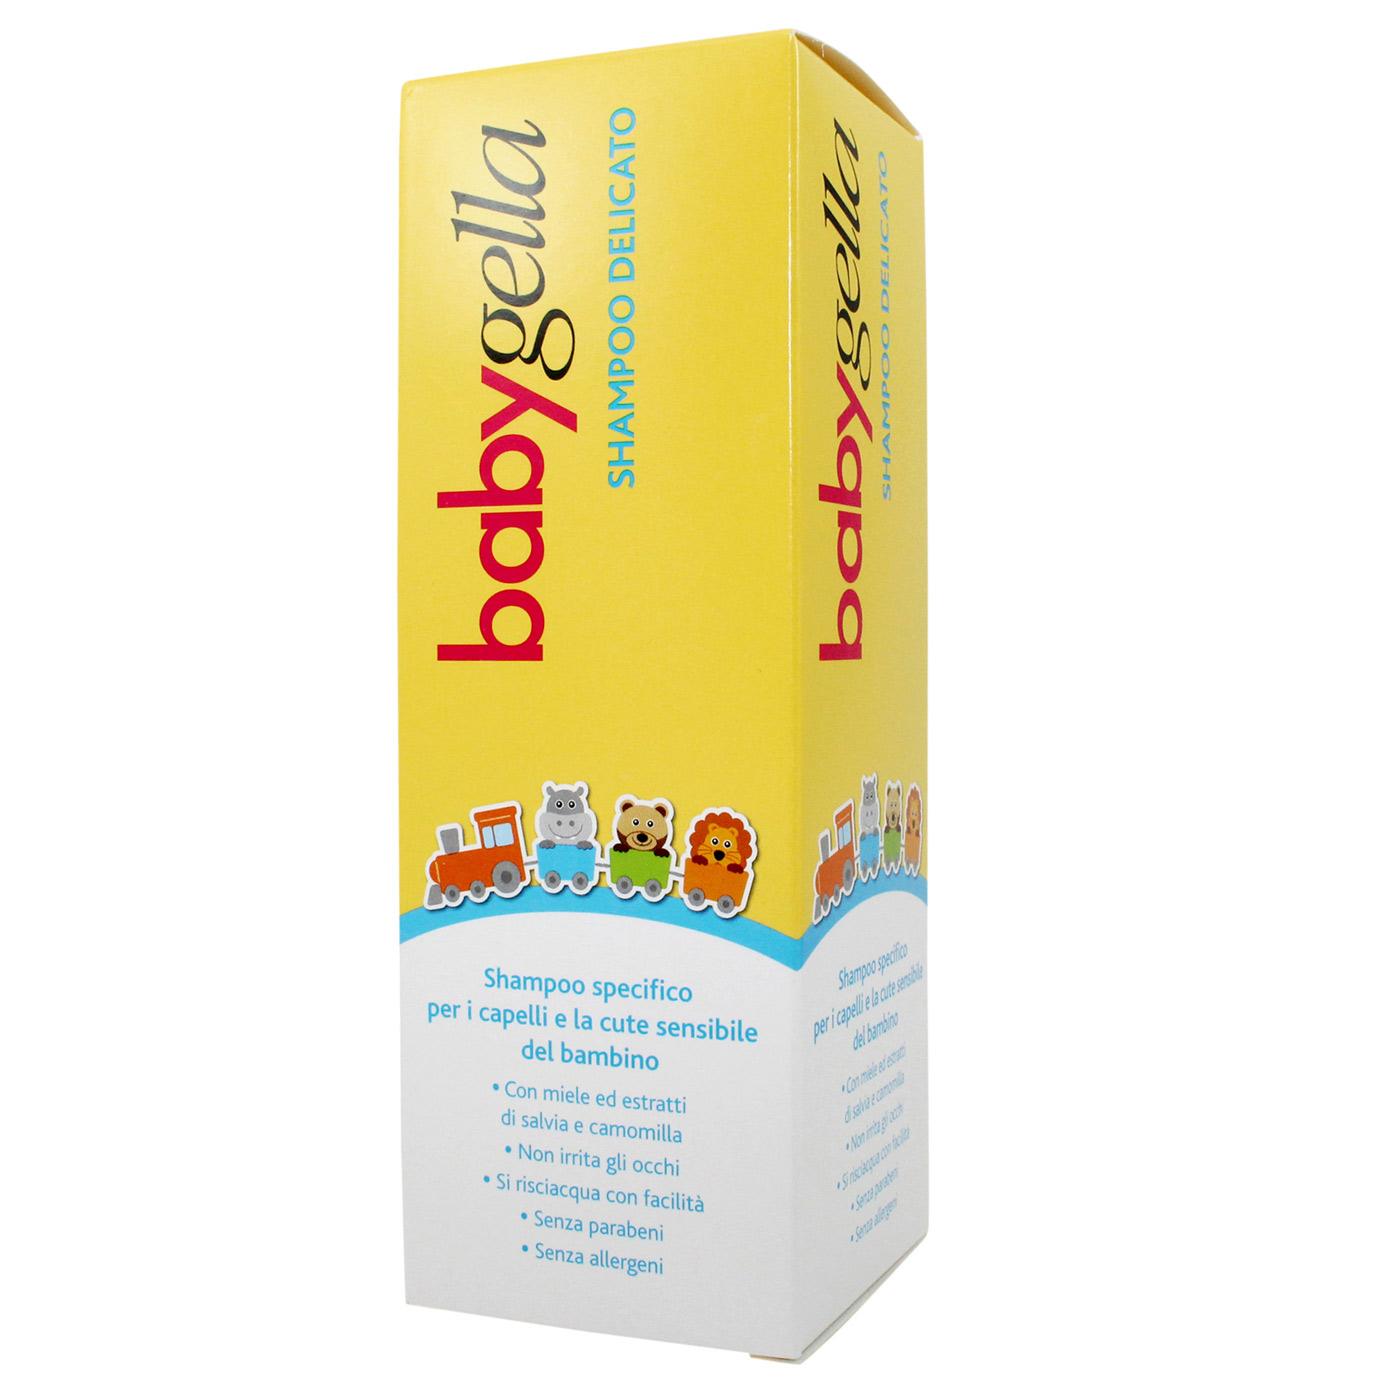 Babygella Shampoo Delicato 250ml - Farmacia 33